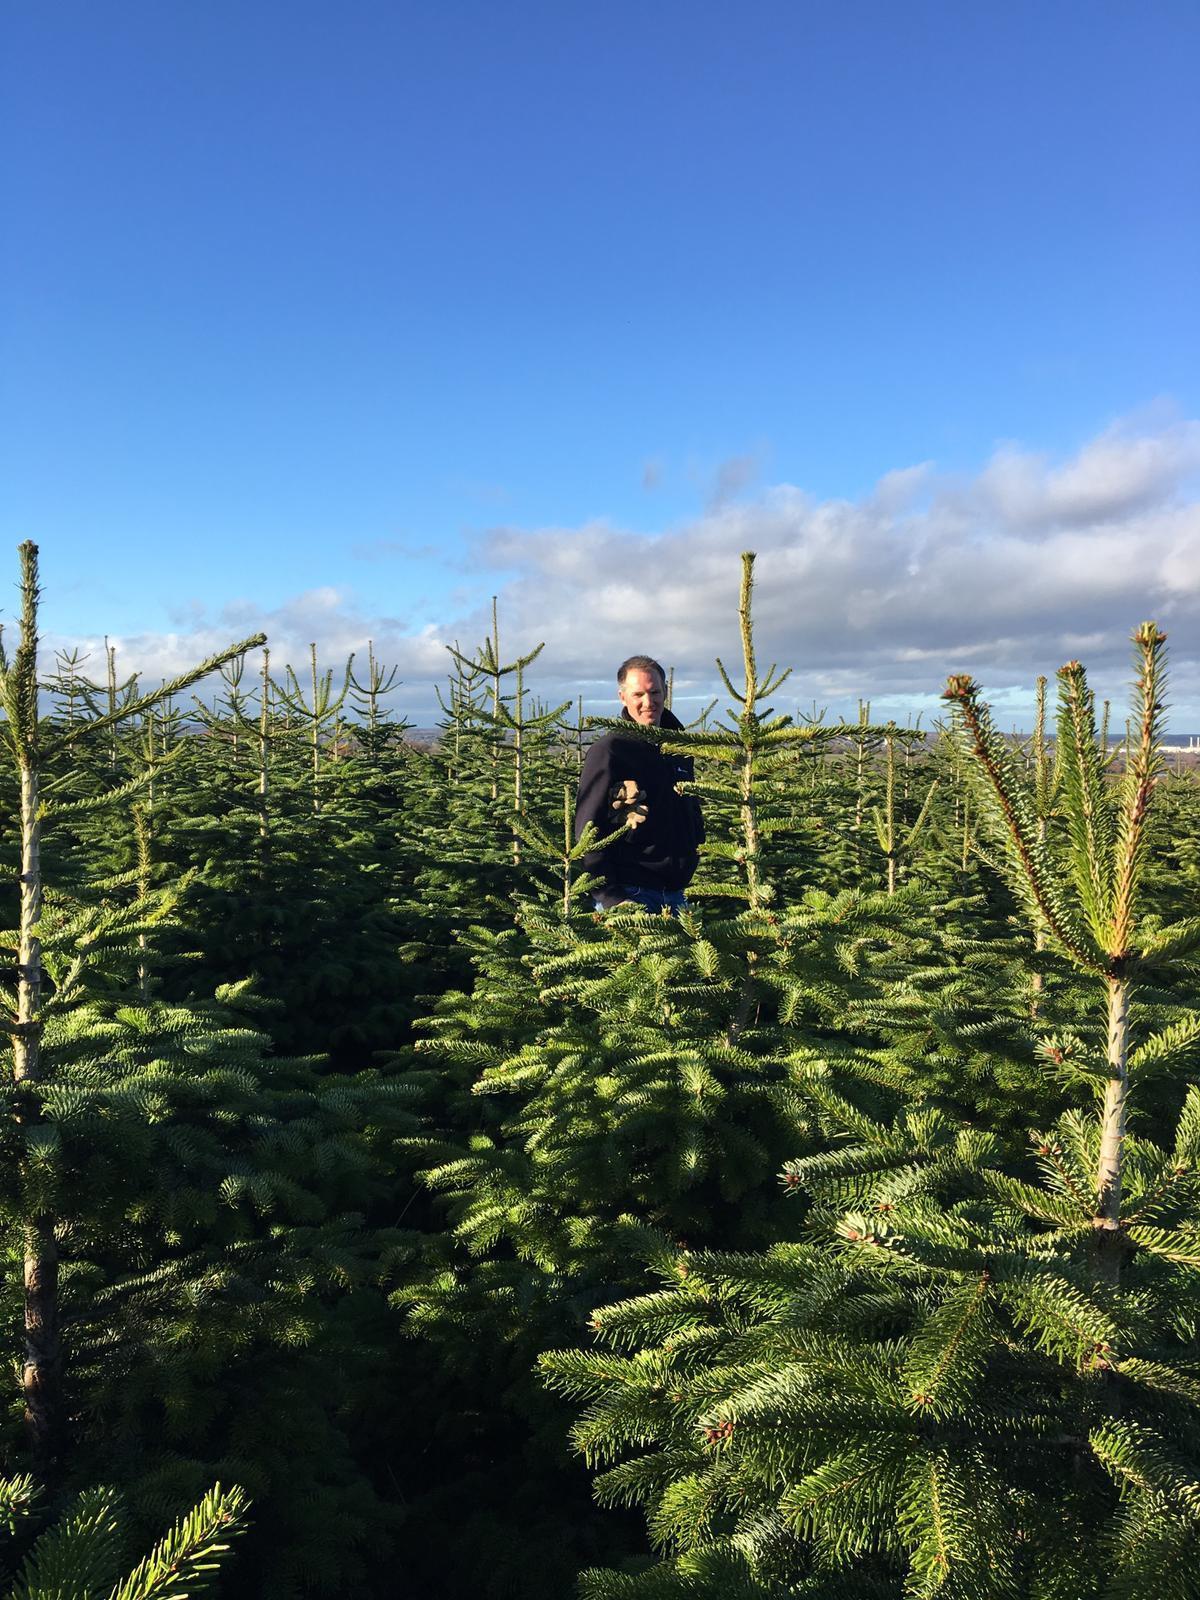 Harold's Park Farm Christmas Trees